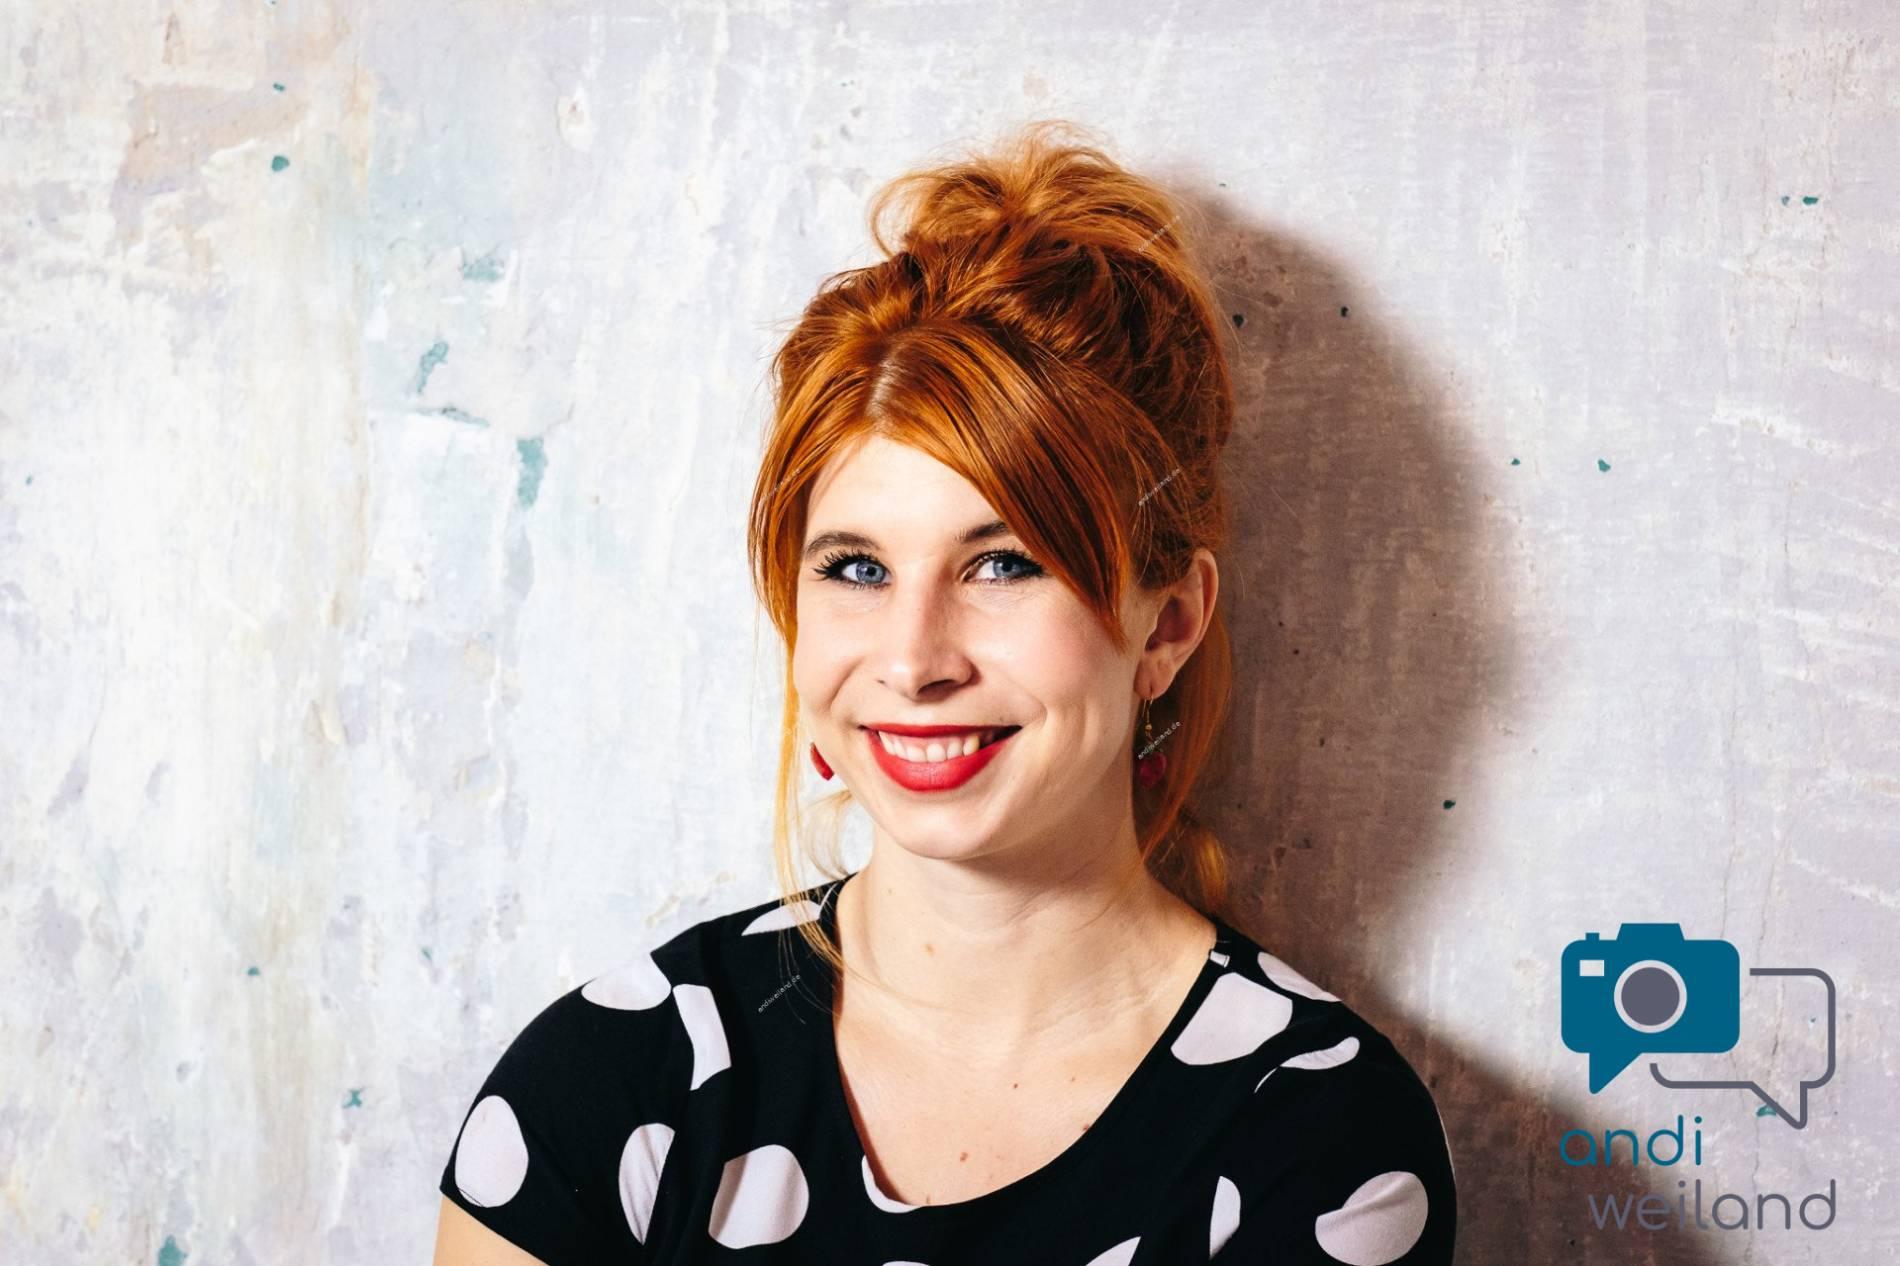 Andi Weiland Carline Mohr